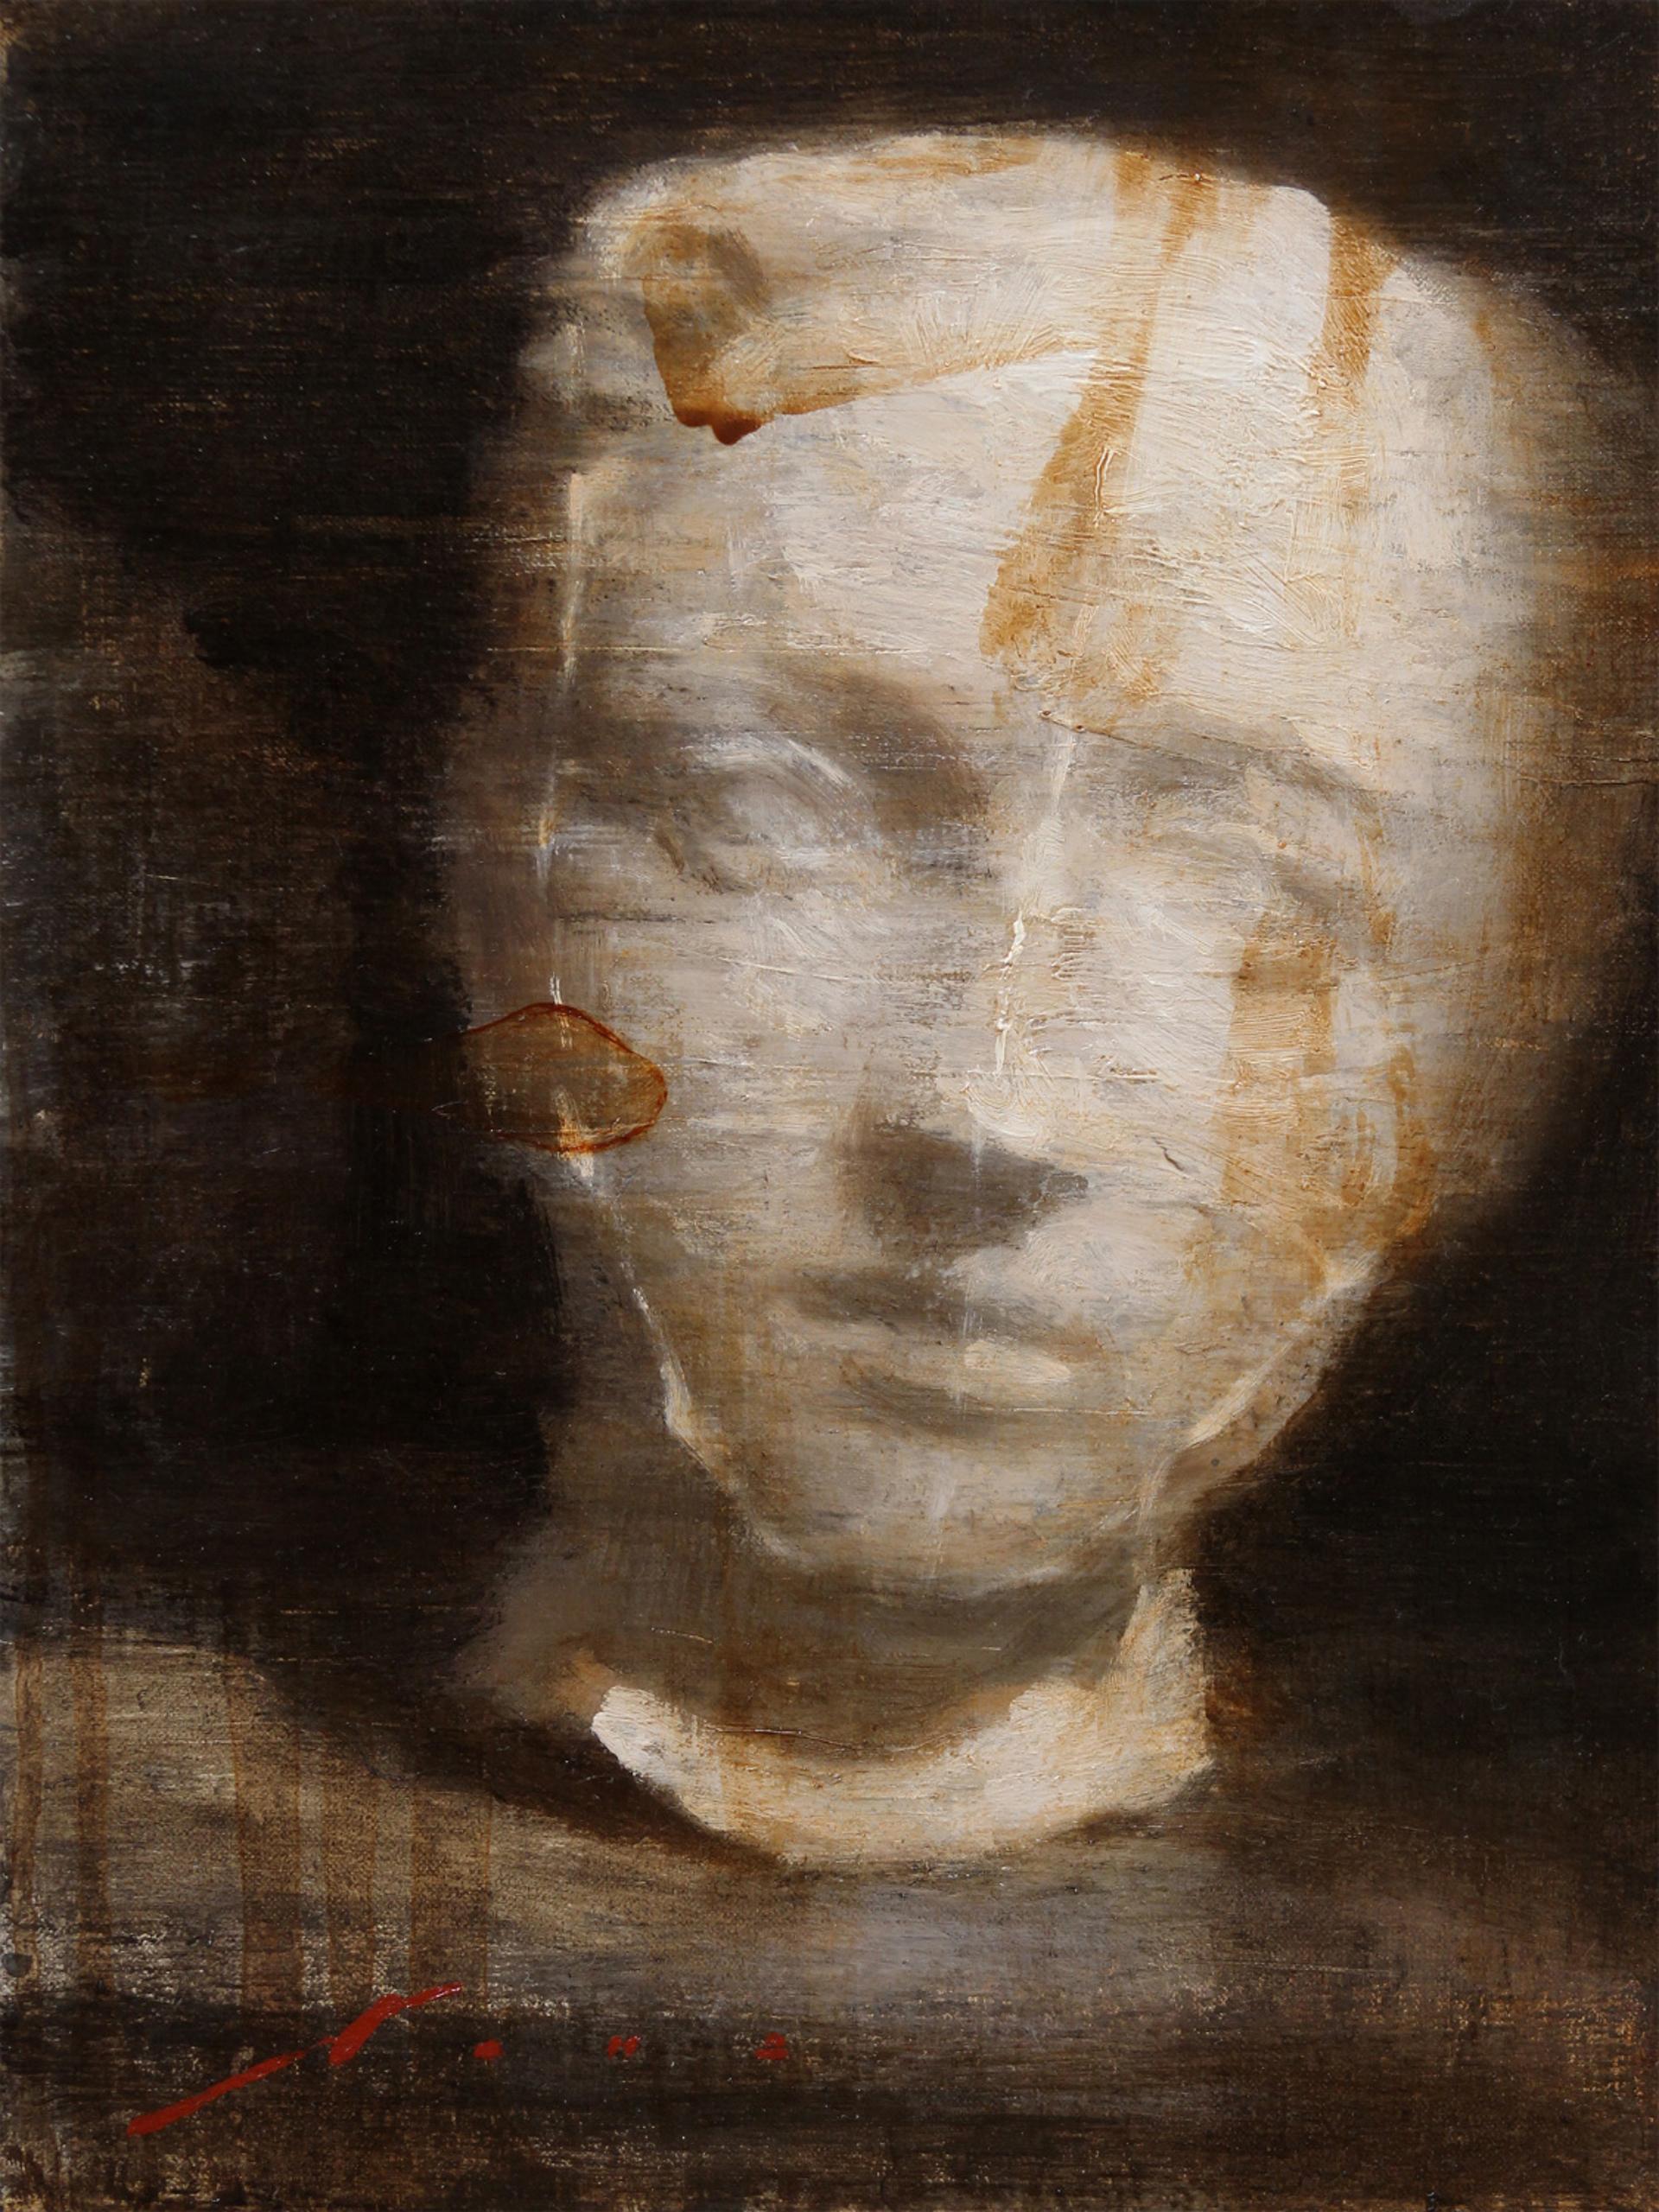 Rodin Menace by Vincent Xeus